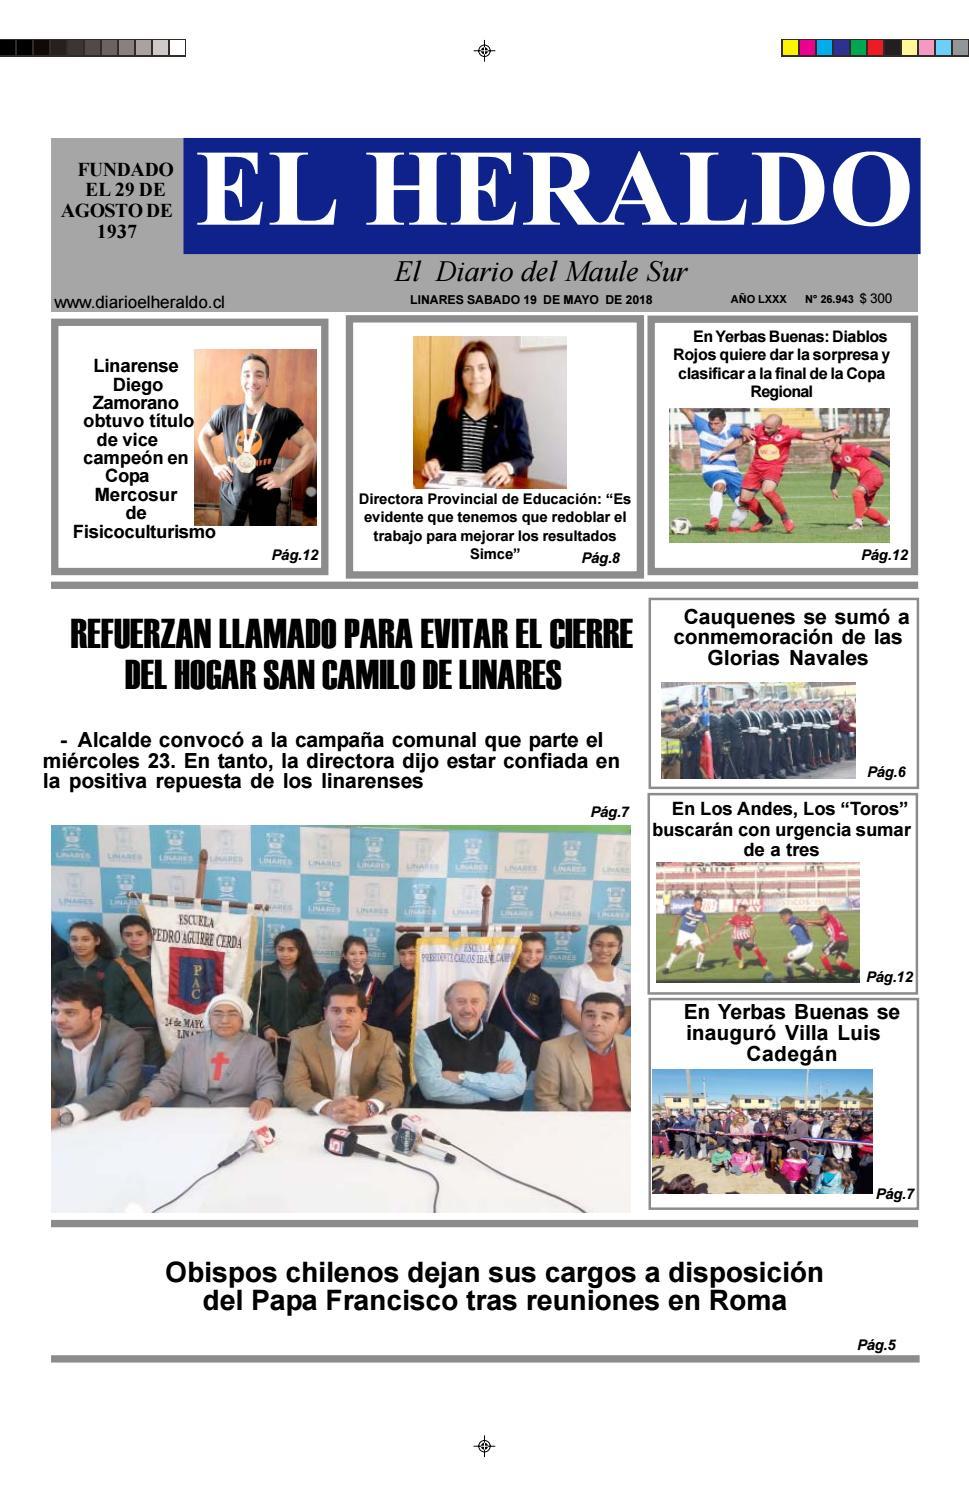 Sabado 19 de mayo 2018 by diario heraldo de linares - issuu a59567a137605